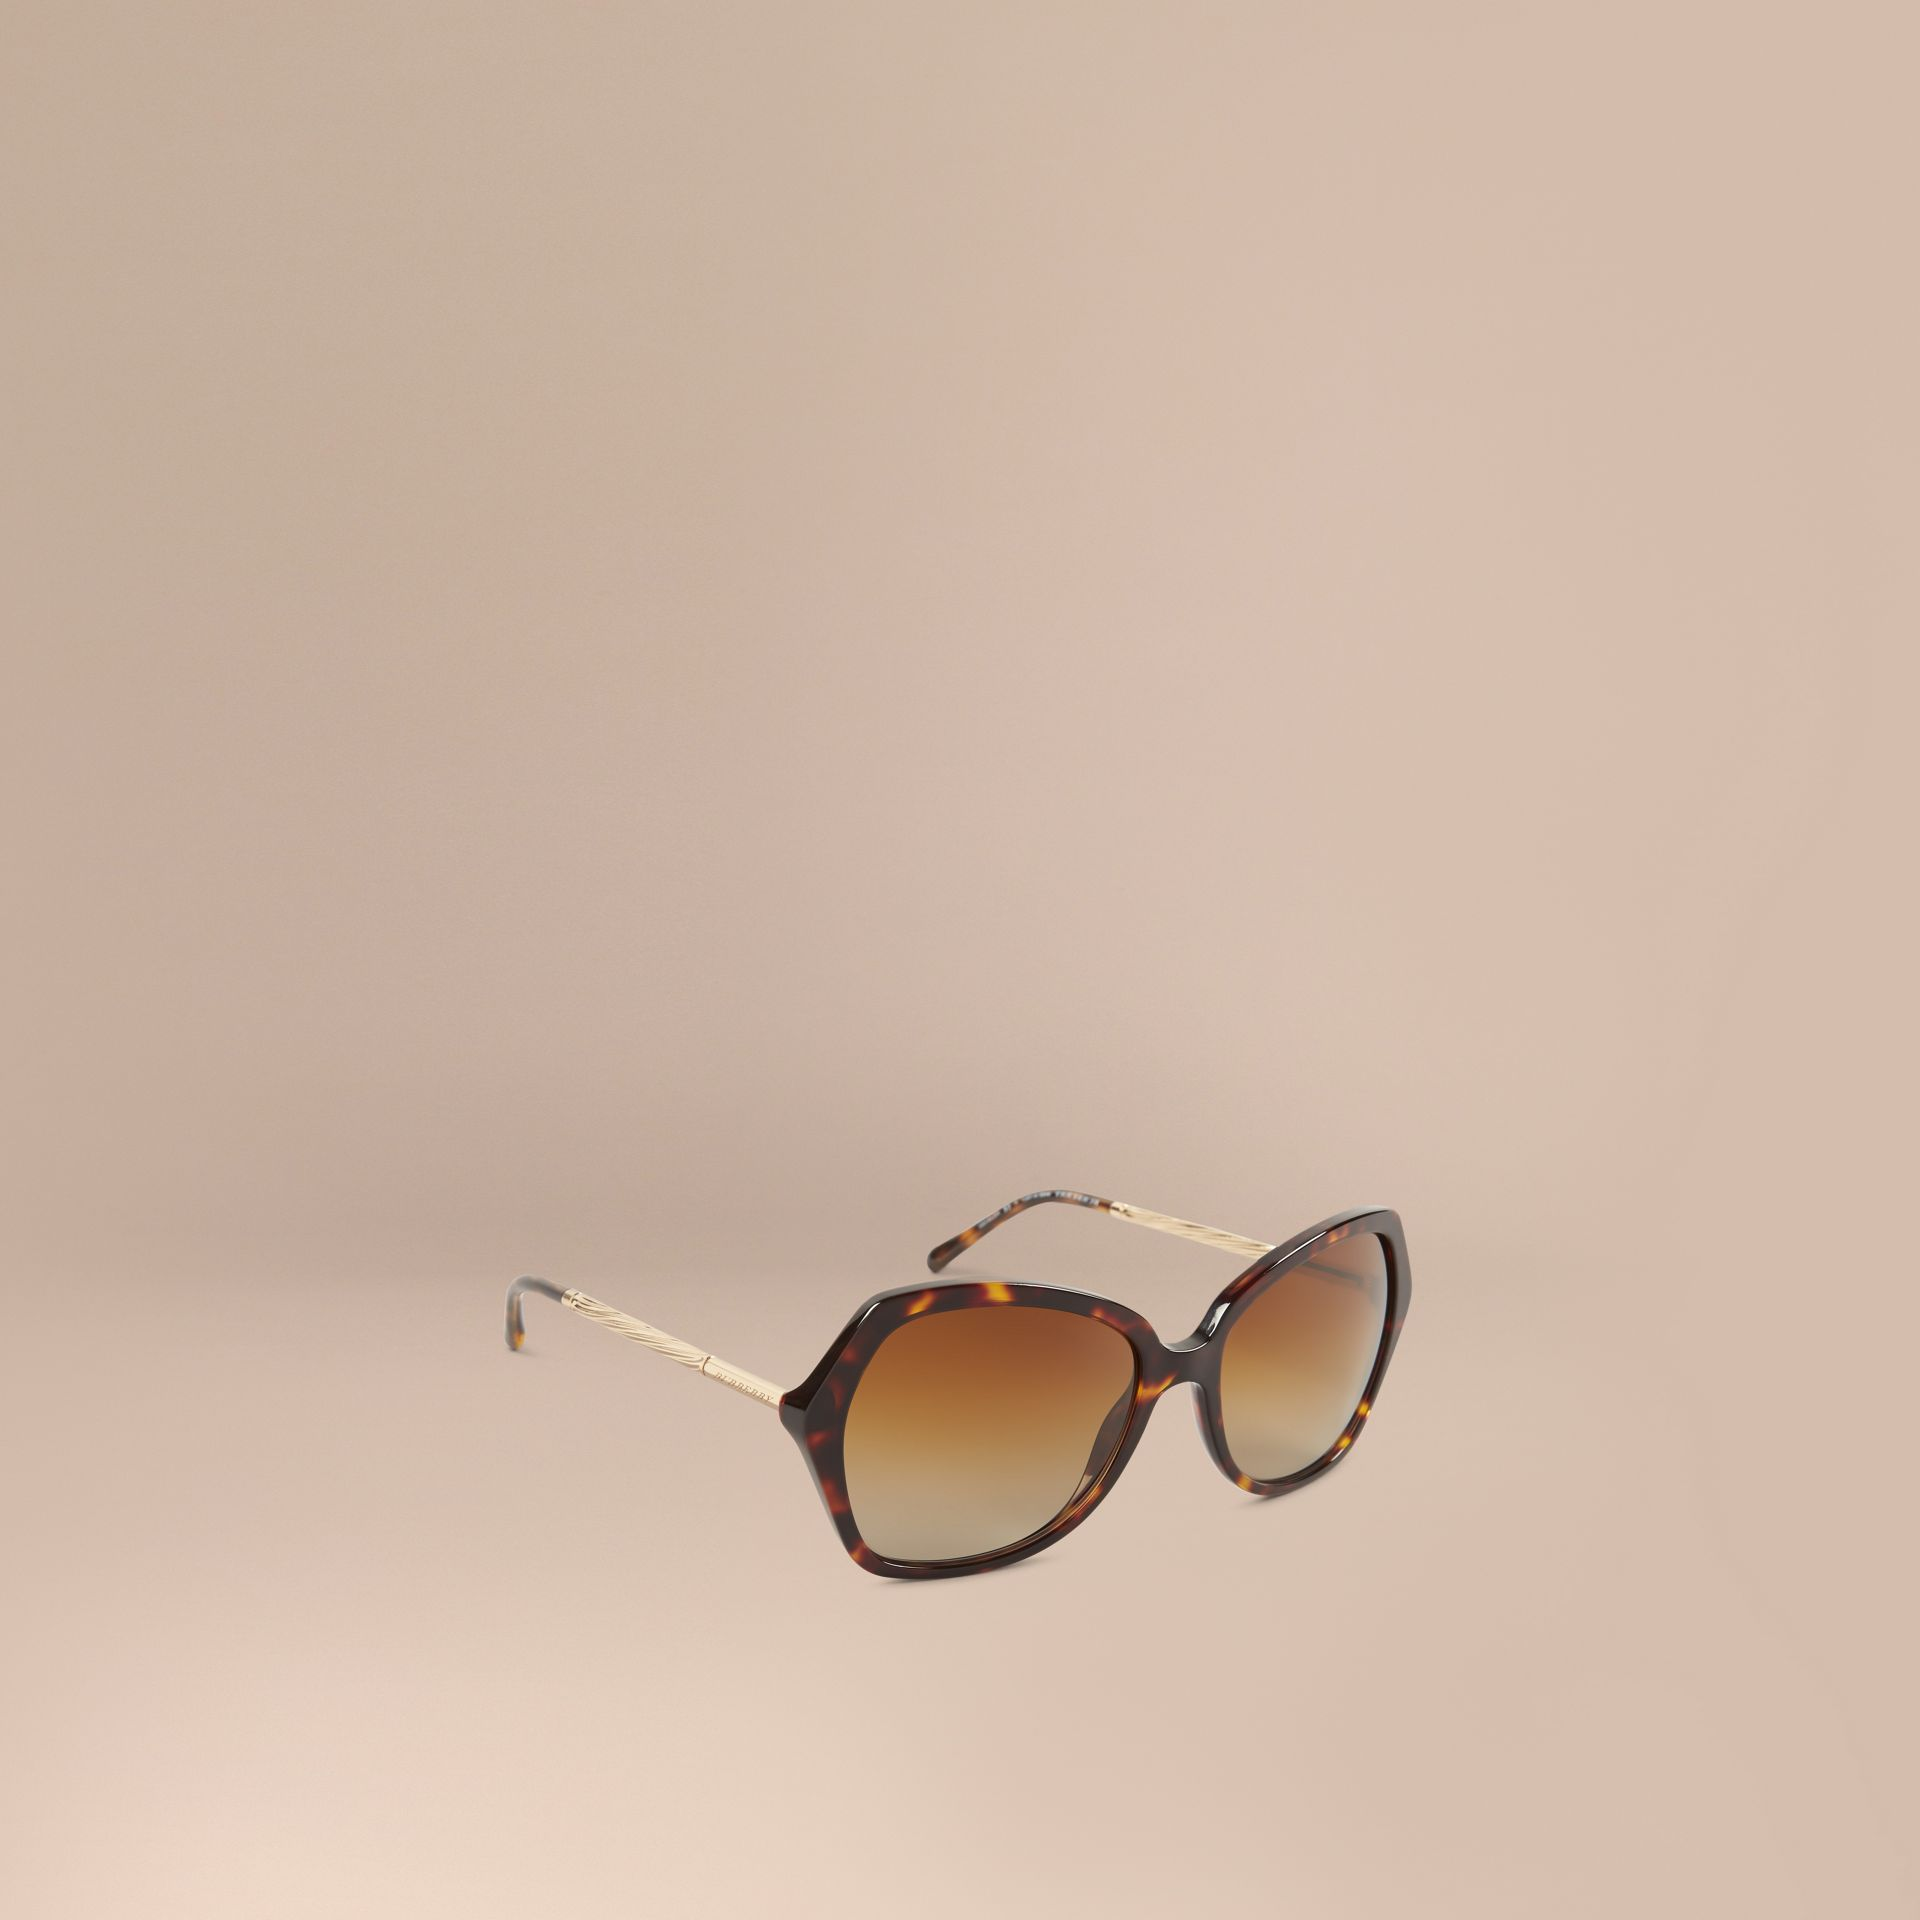 玳瑁色 Gabardine 系列超大方框太陽眼鏡 玳瑁色 - 圖庫照片 1